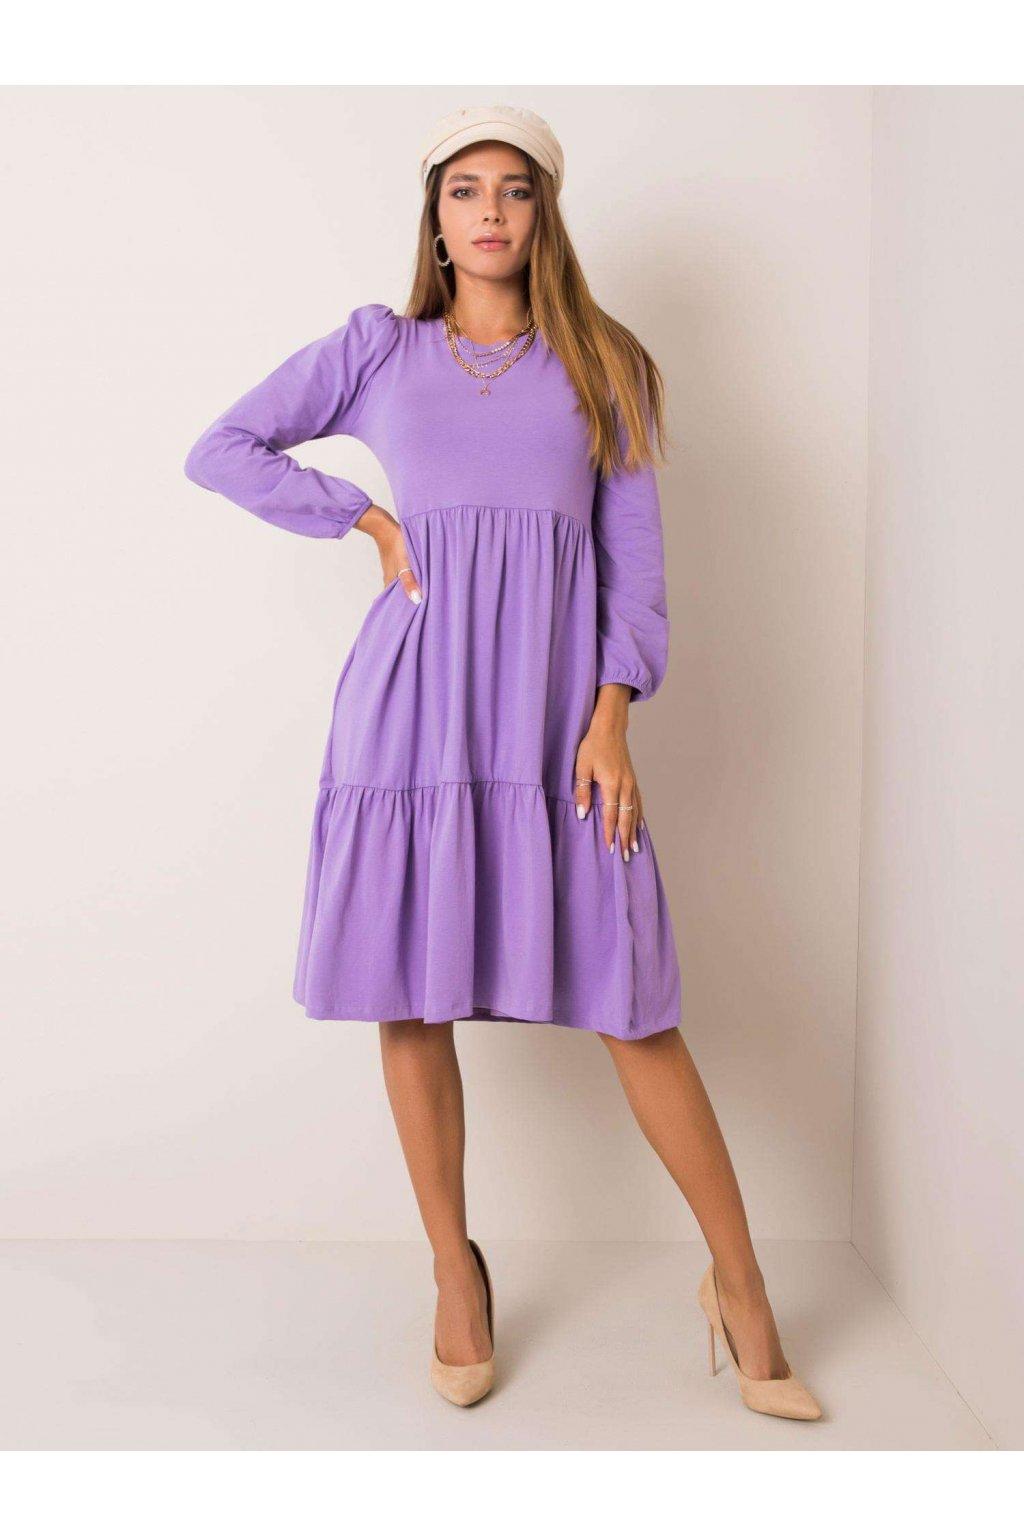 Dámske úpletové šaty Yvonne fialové